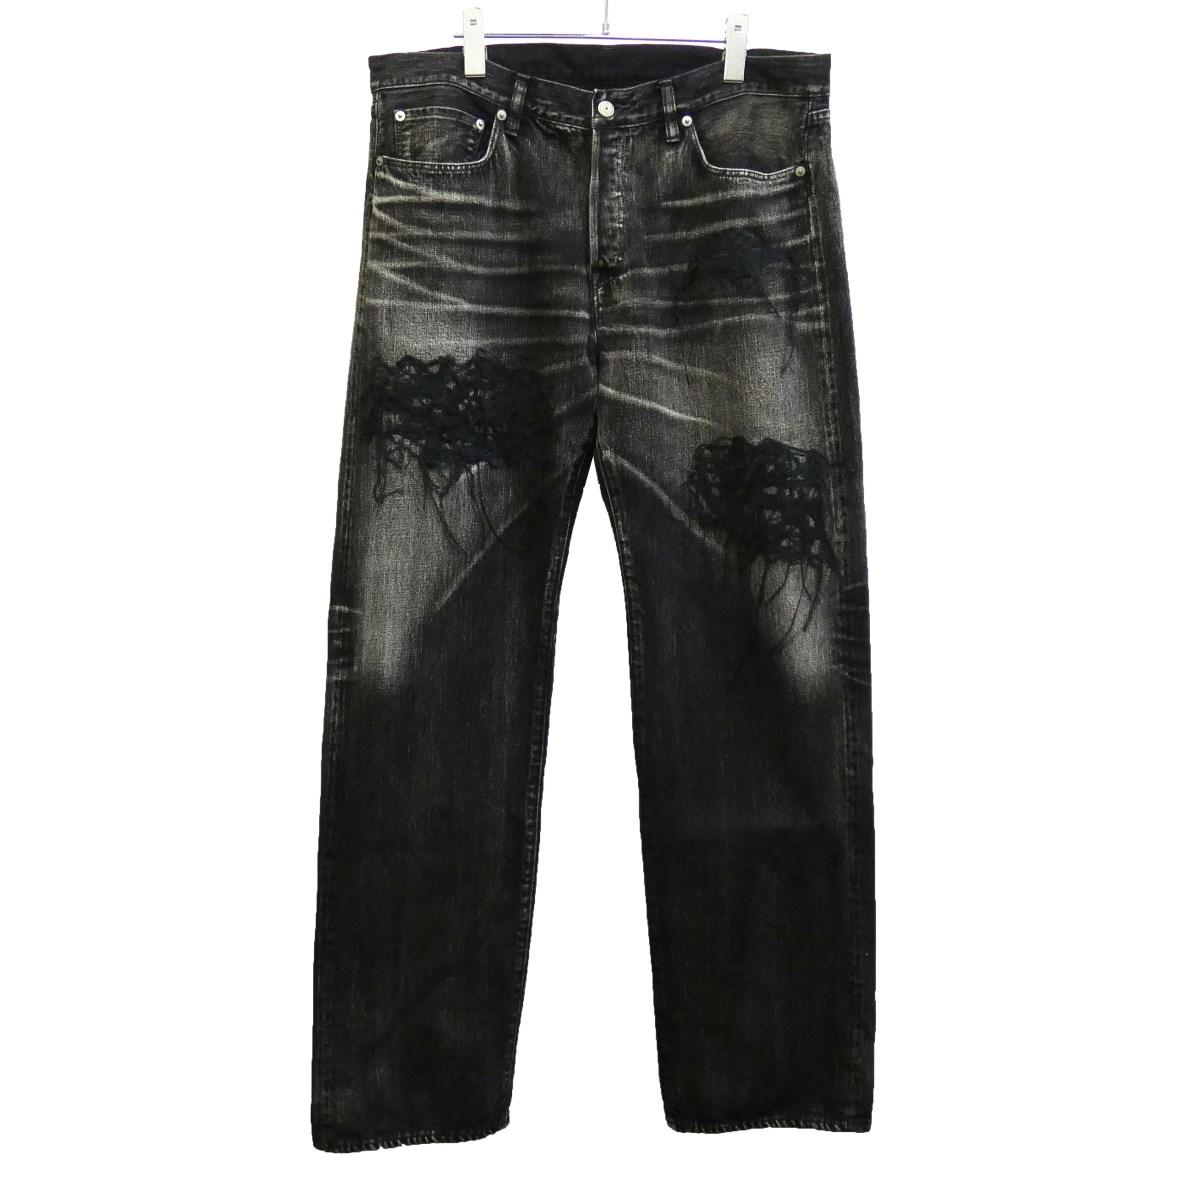 【中古】YOHJI YAMAMOTO pour homme 19SS デザインデニムパンツ ブラック サイズ:4 【131219】(ヨウジヤマモトプールオム)